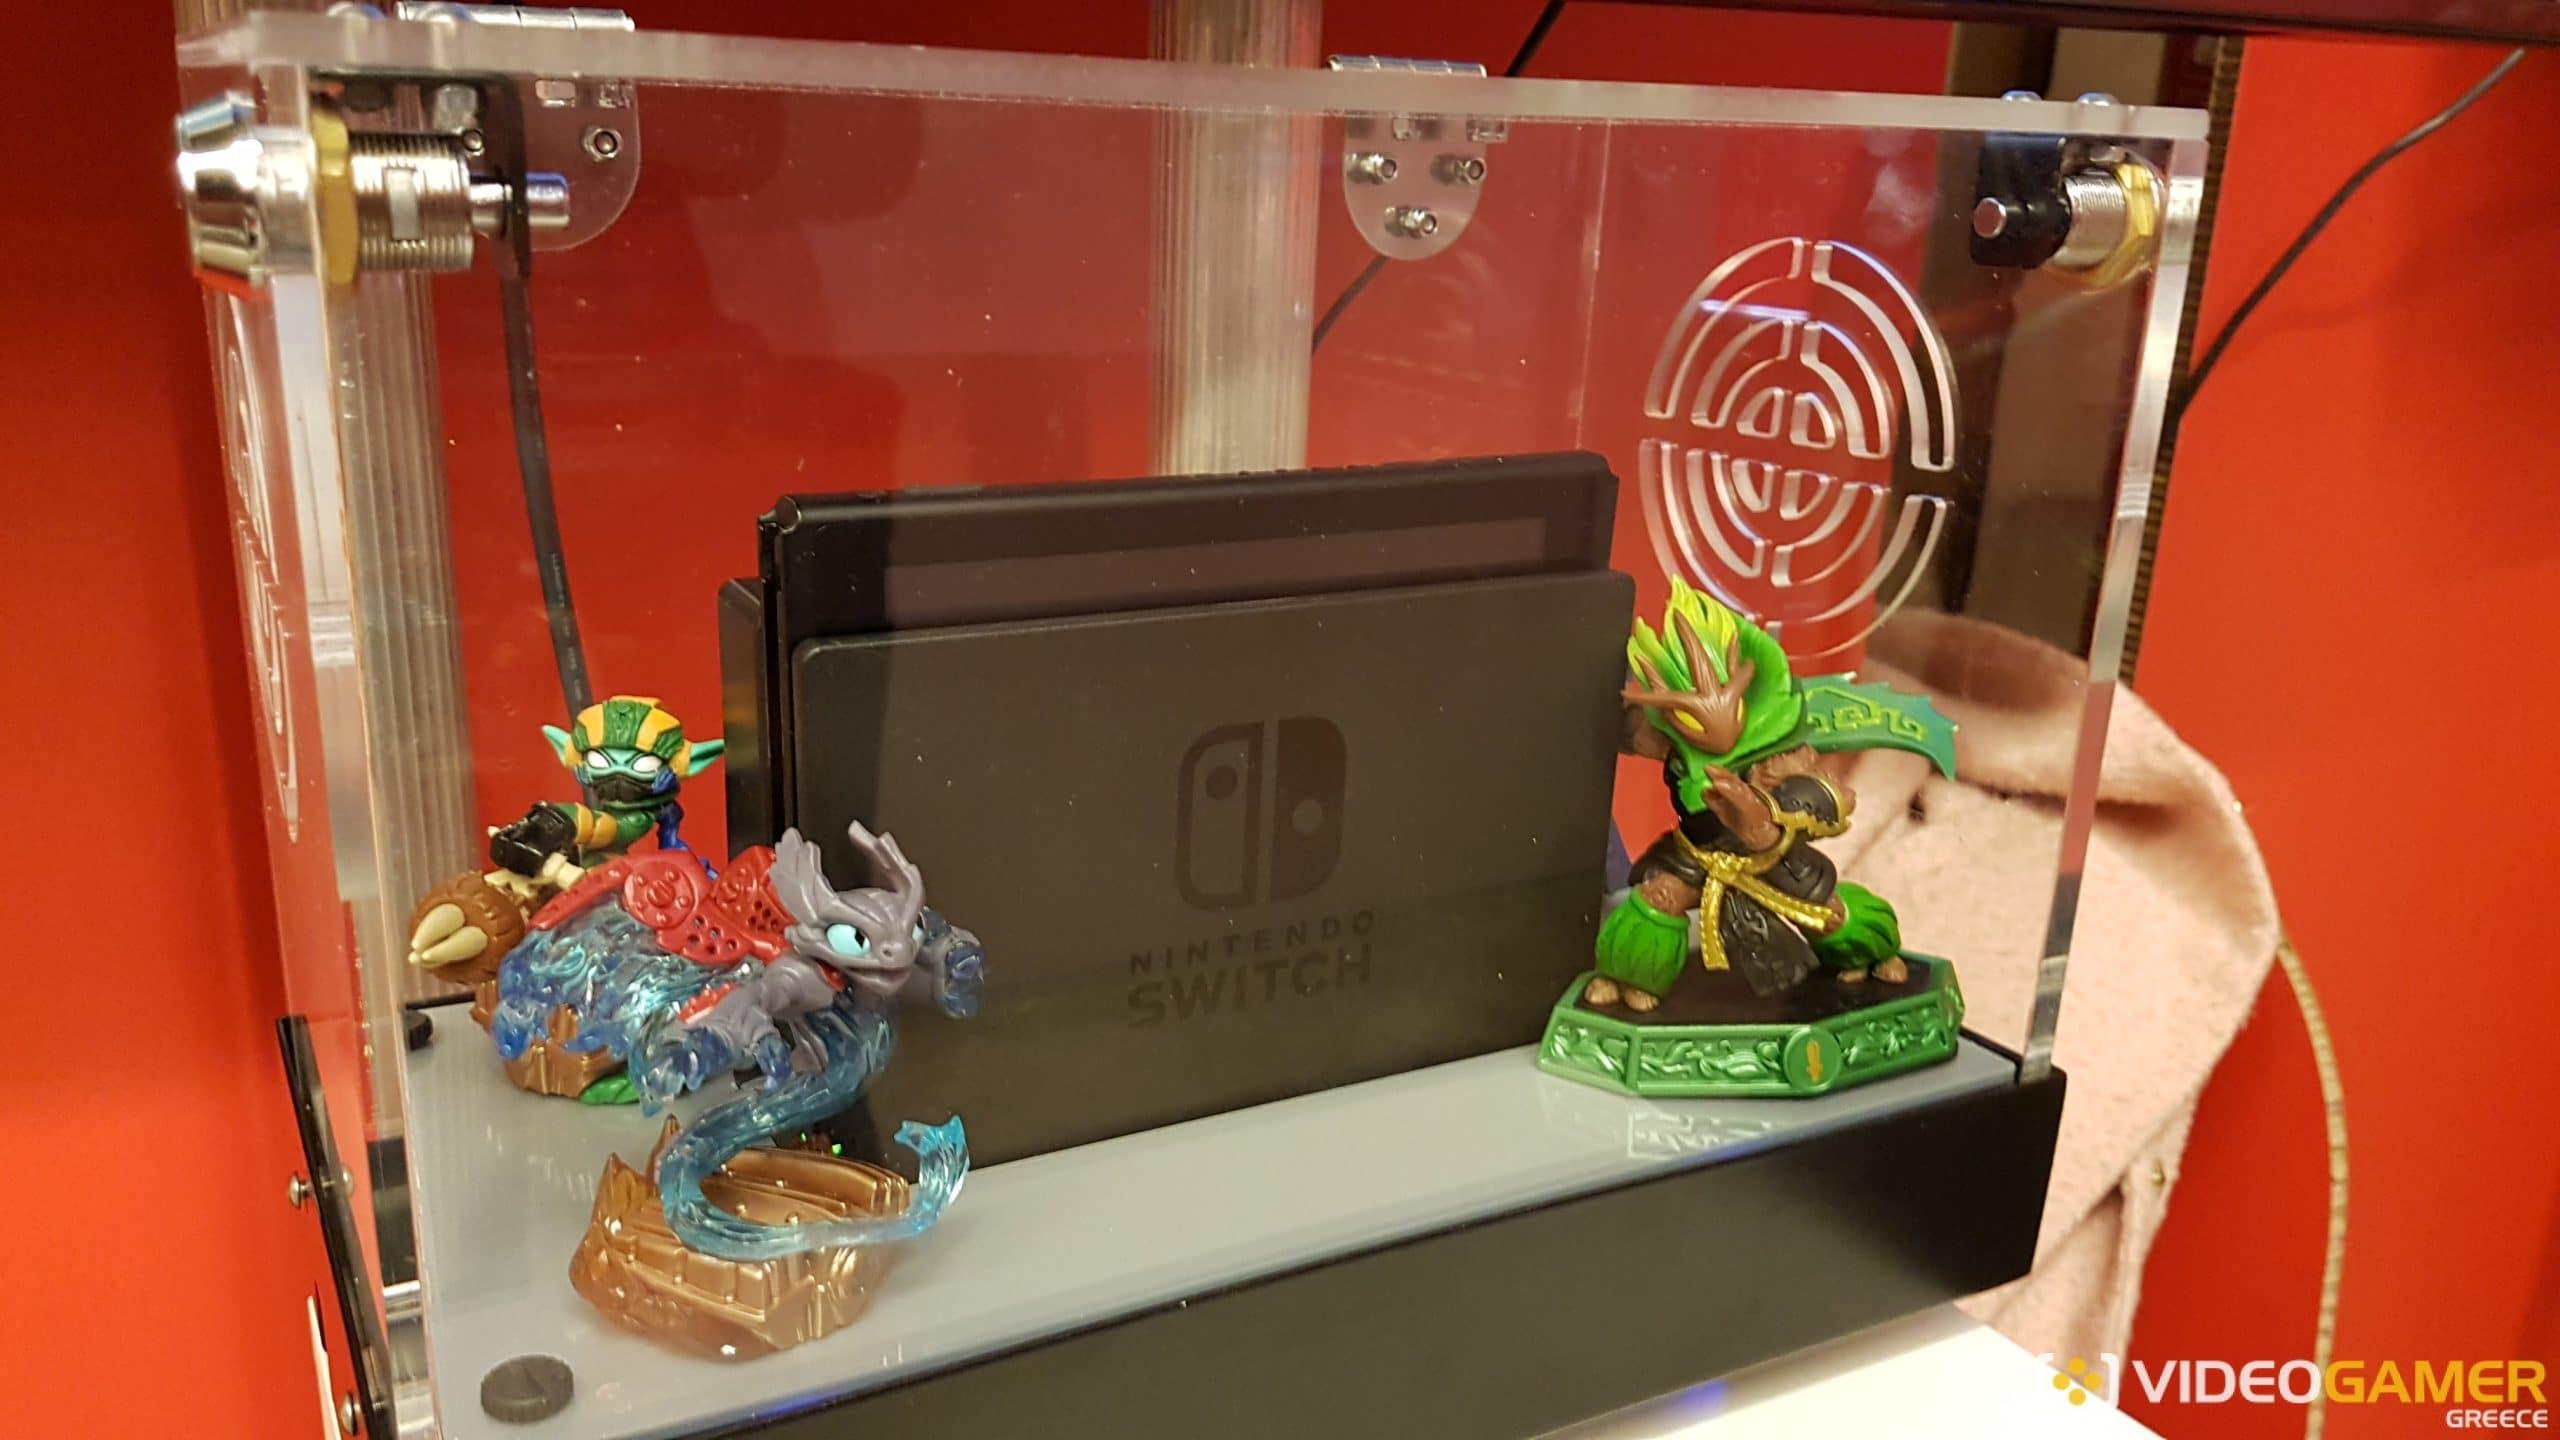 Οι retailers περιμένουν νέο Nintendo Switch stock από την αρχή της εβδομάδας - videogamer.gr